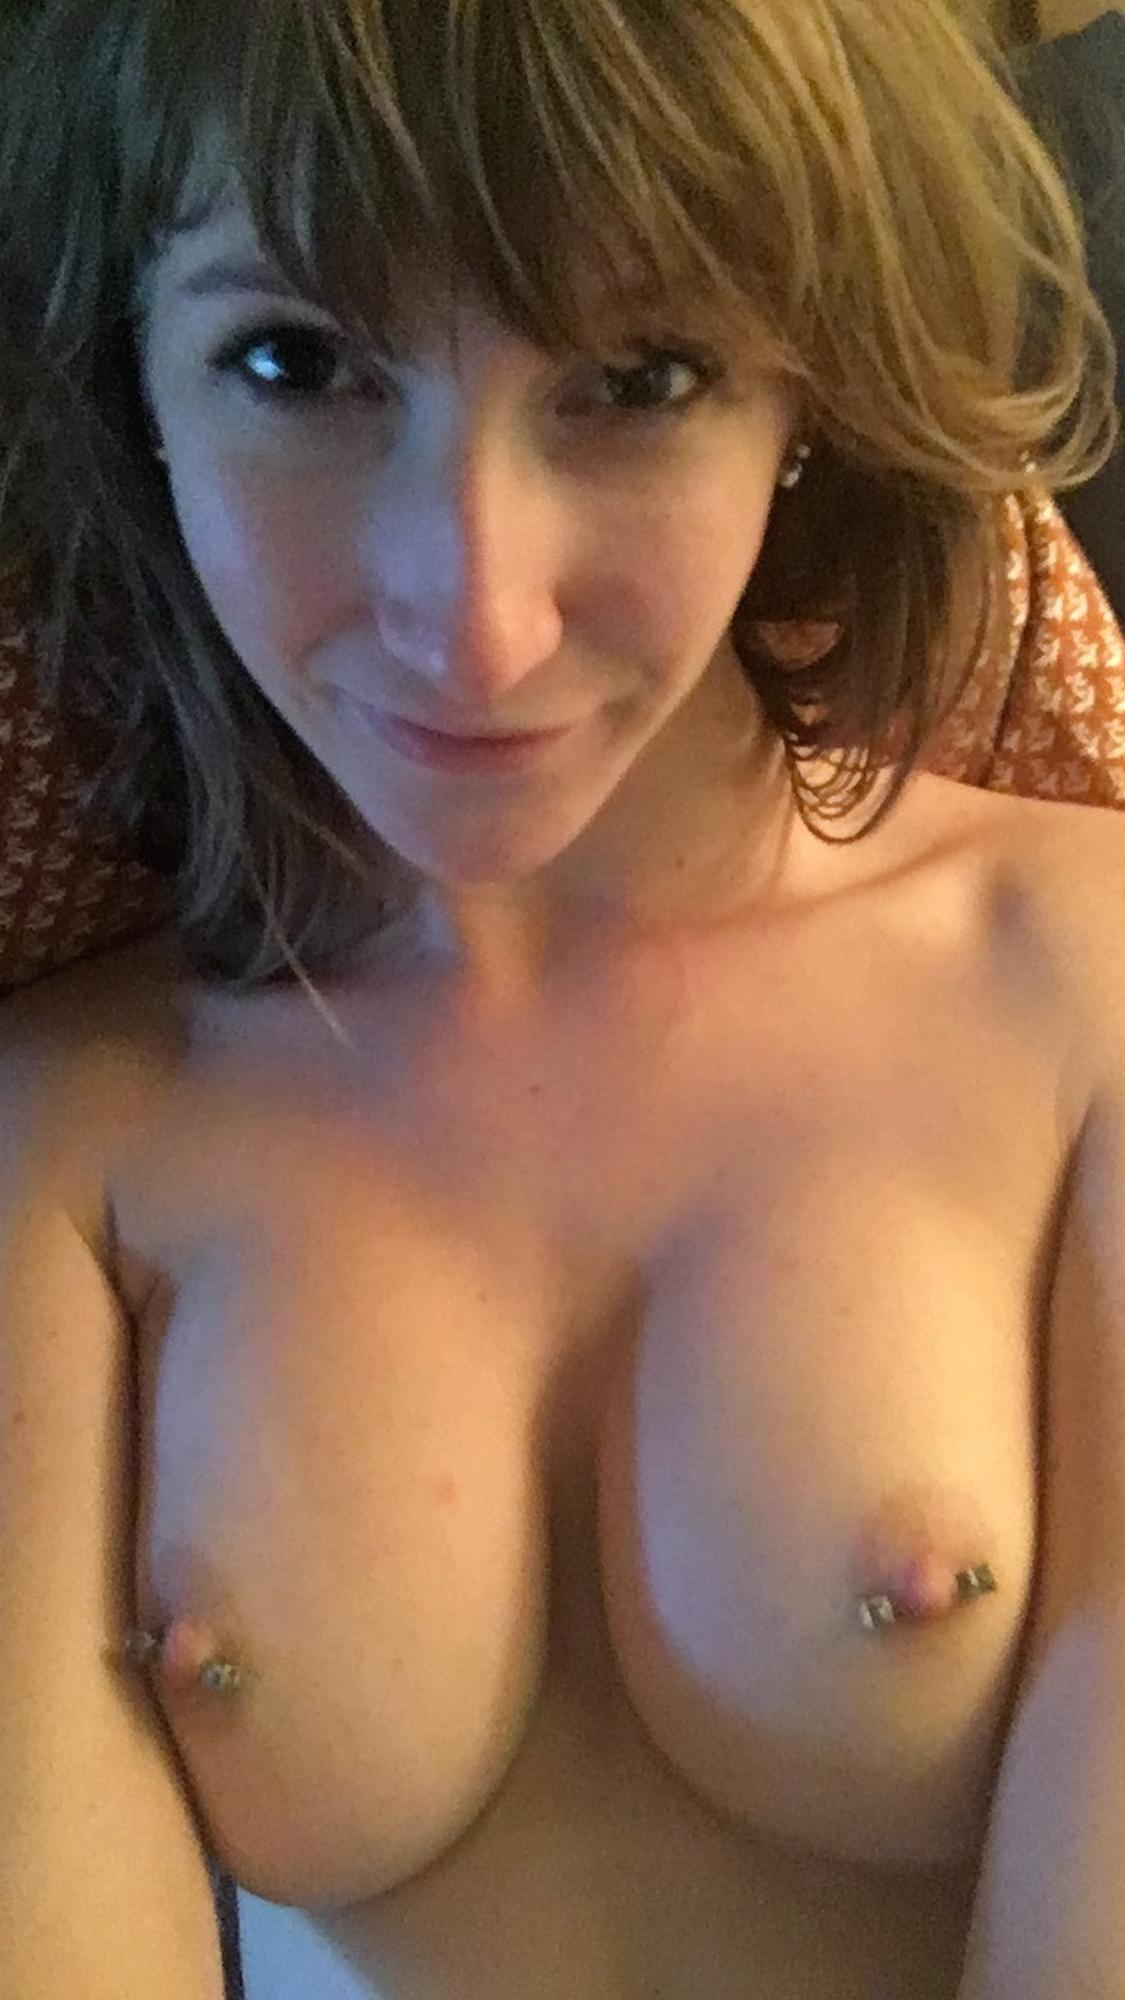 Бритая вагина и голые сиськи длинноногой телки в домашней обстановке секс фото и порно фото